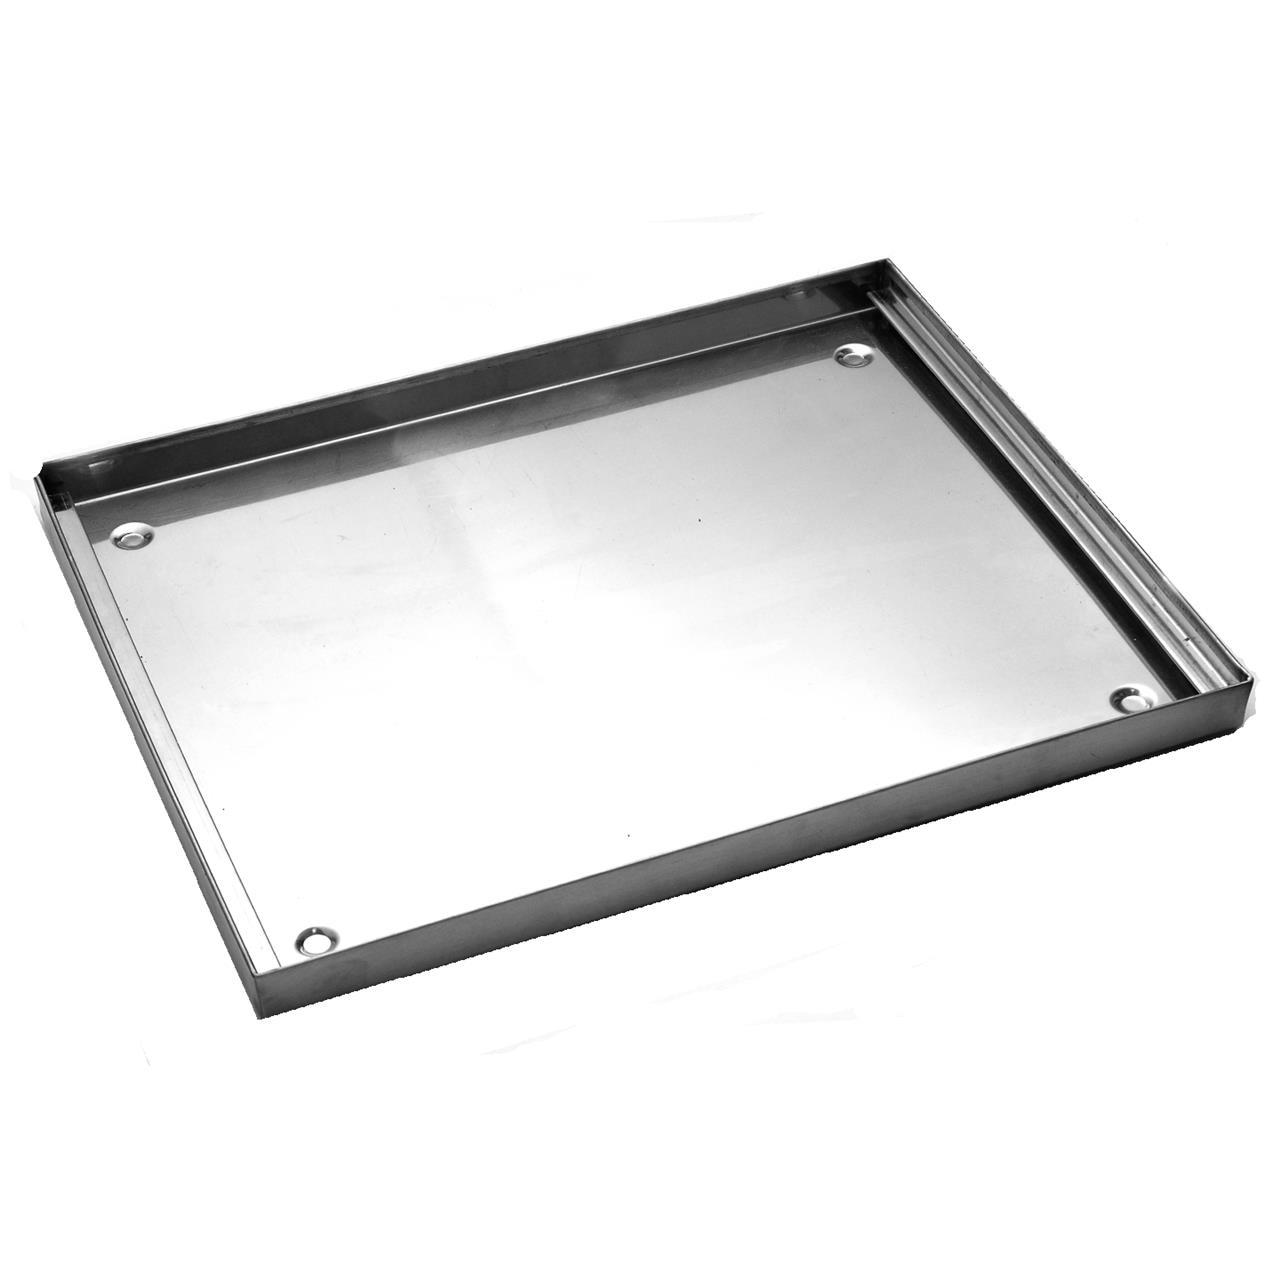 KH Glass Rack Drip Tray